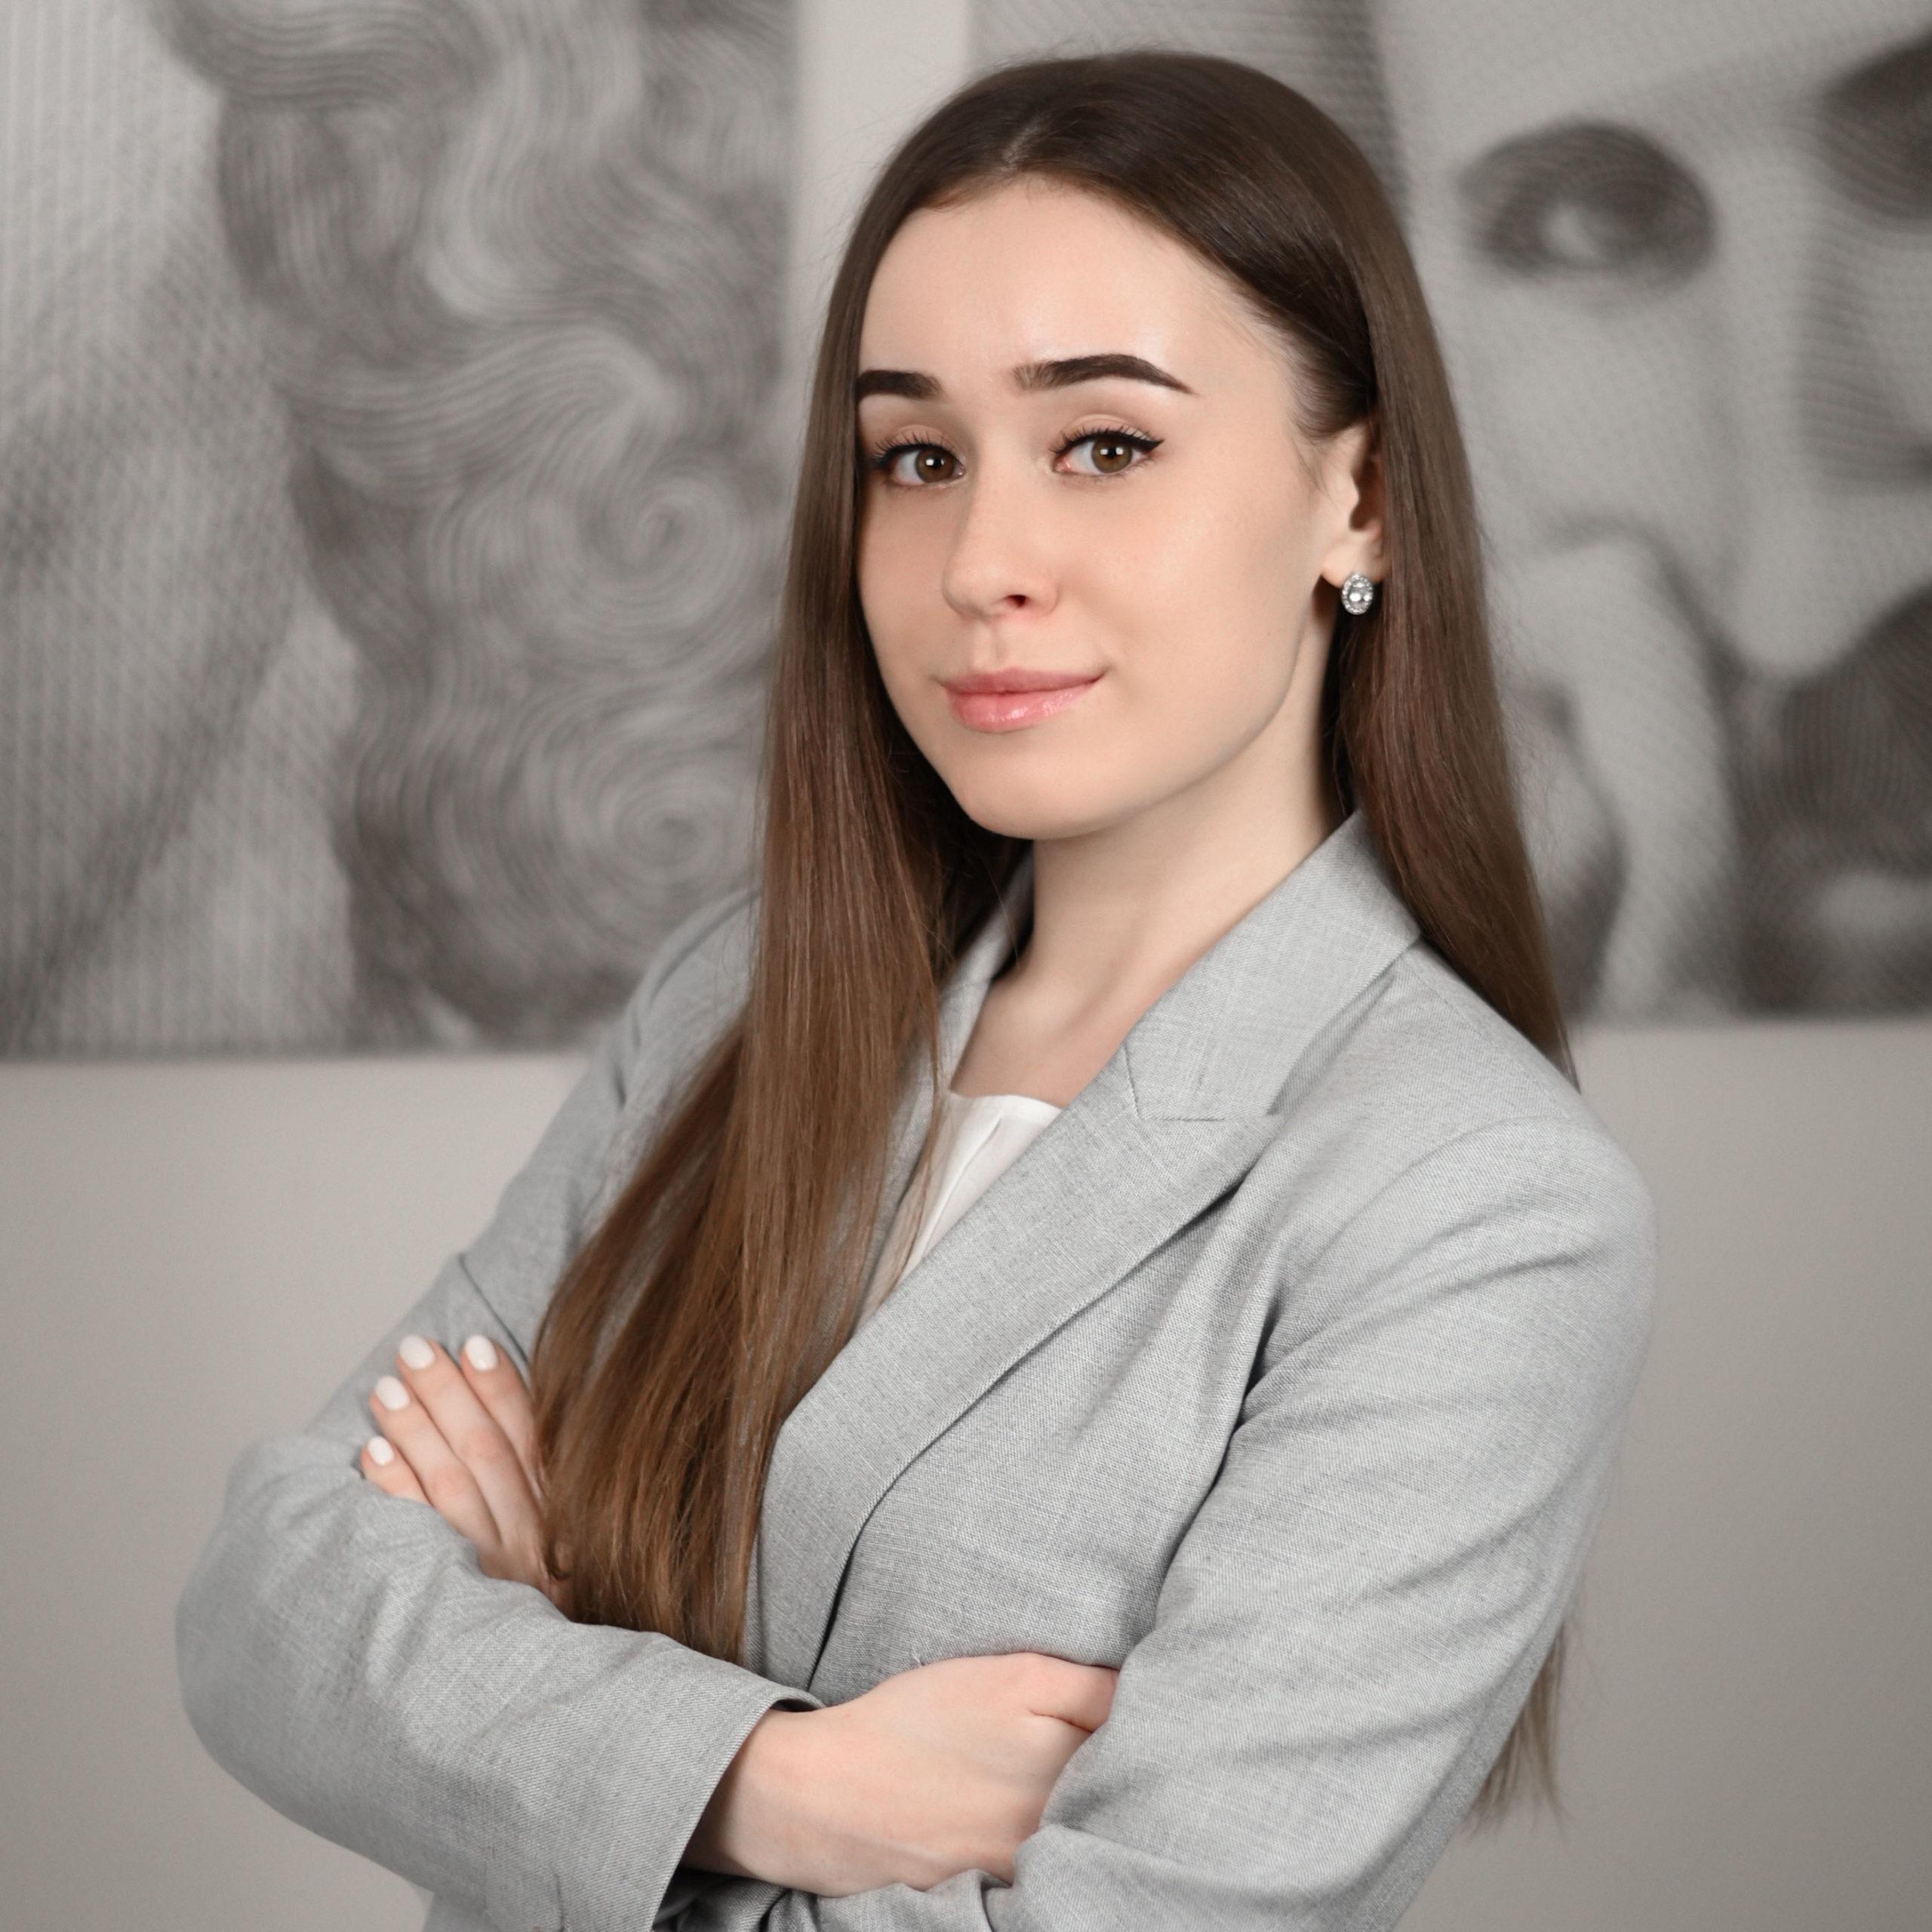 Anastasiia Skuridina